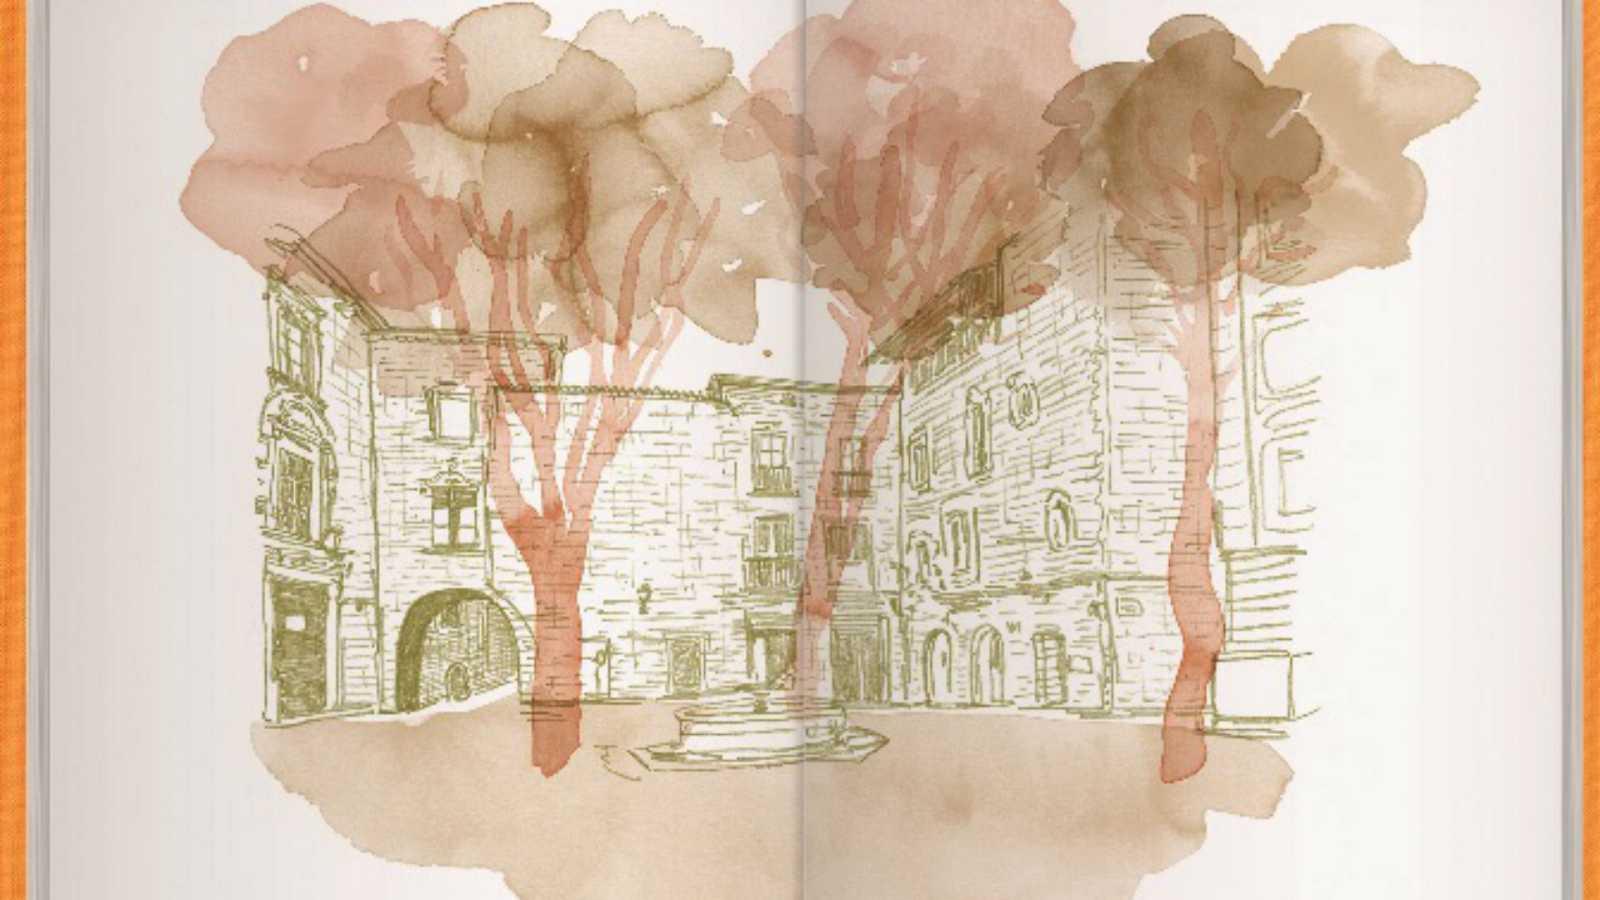 """Artesfera en Radio 5 - 'Barcelona"""", nuevo libro de viaje ilustrado y cuaderno de notas de Tintablanca - 06/09/20 - Escuchar ahora"""